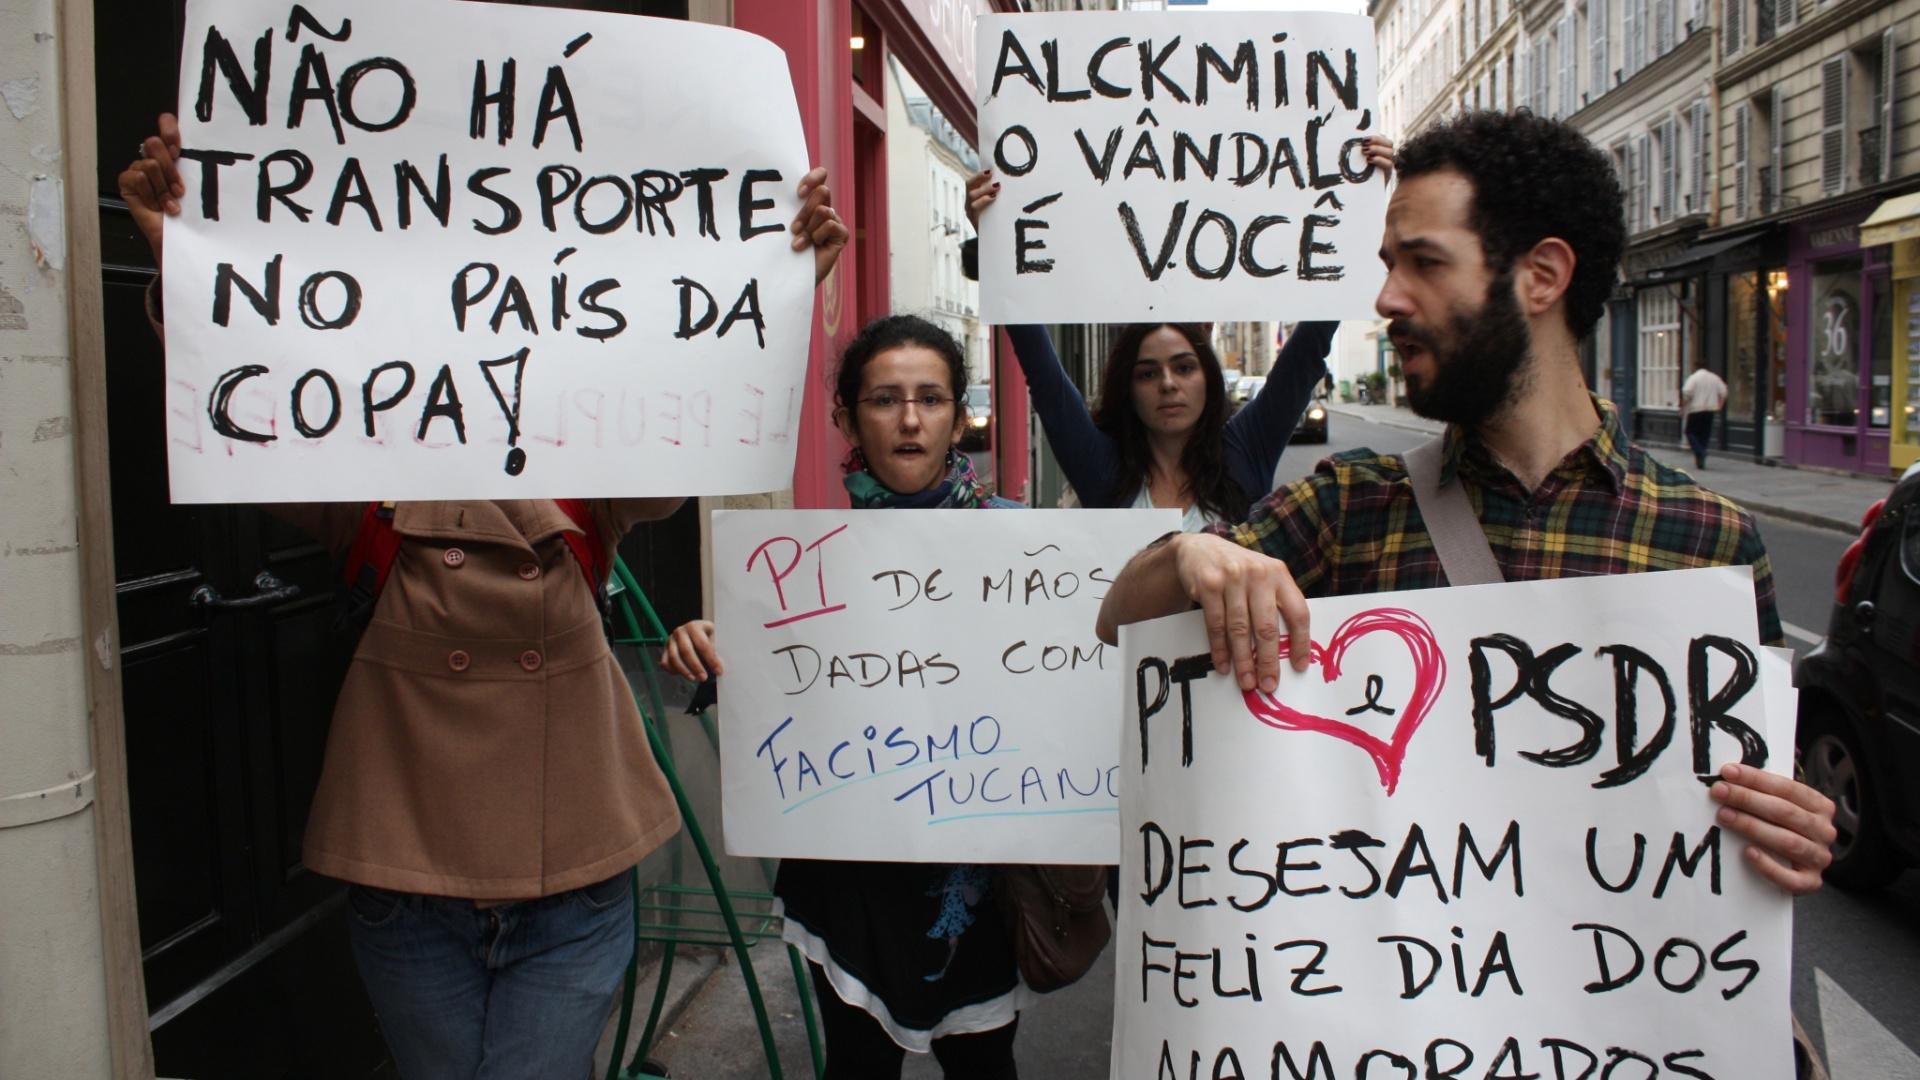 12jun2013---estudantes-brasileiros-protestaram-contra-o-aumento-da-tarifa-do-transporte-publico-de-sao-paulo-sp-em-frente-ao-hotel-onde-o-governador-do-estado-geraldo-alckmin-e-o-prefeito-de-sao-1371082765369_1920x1